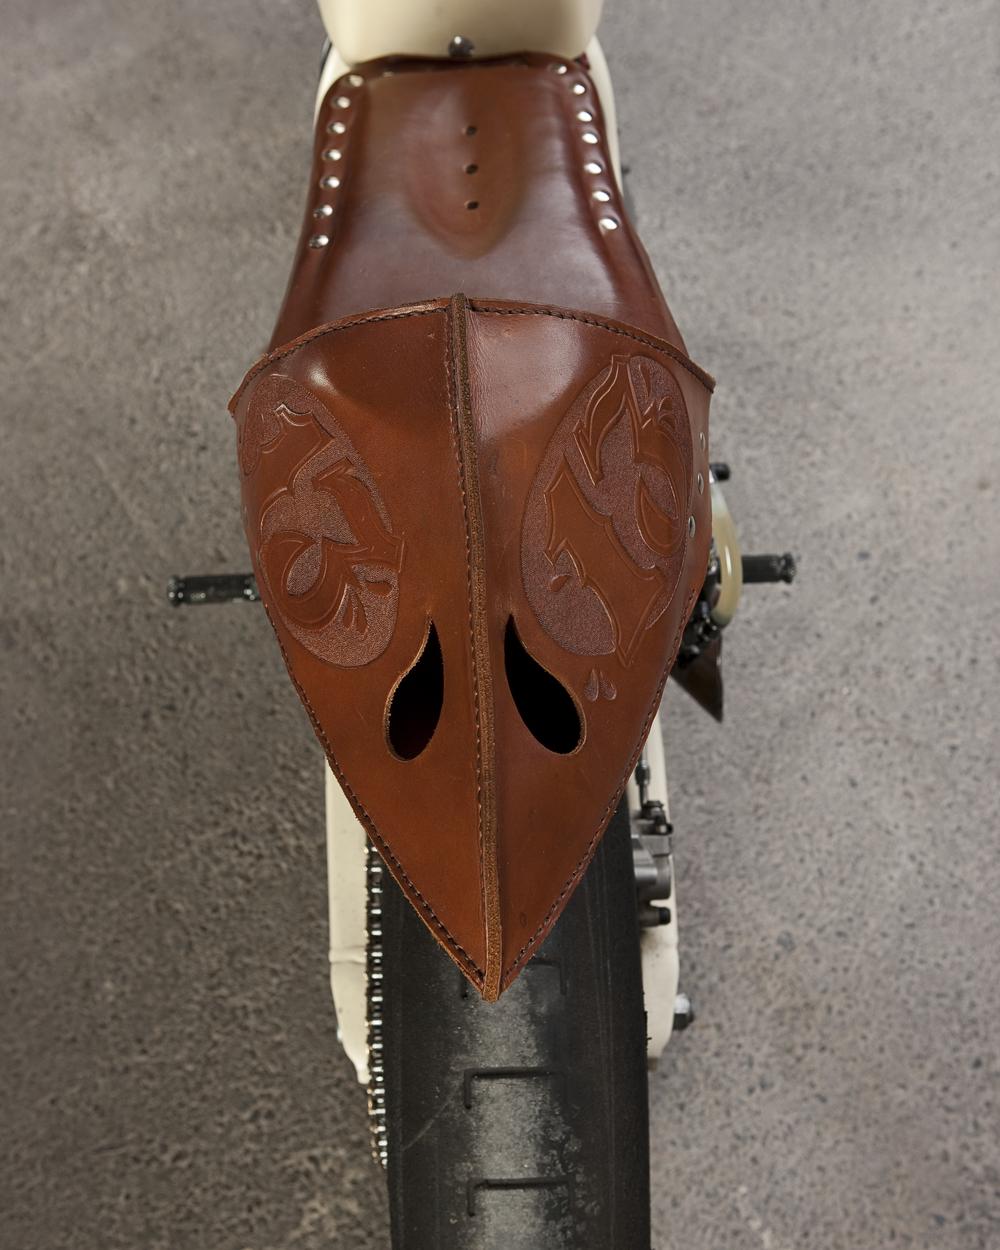 OneMotorcycle__0122.jpg